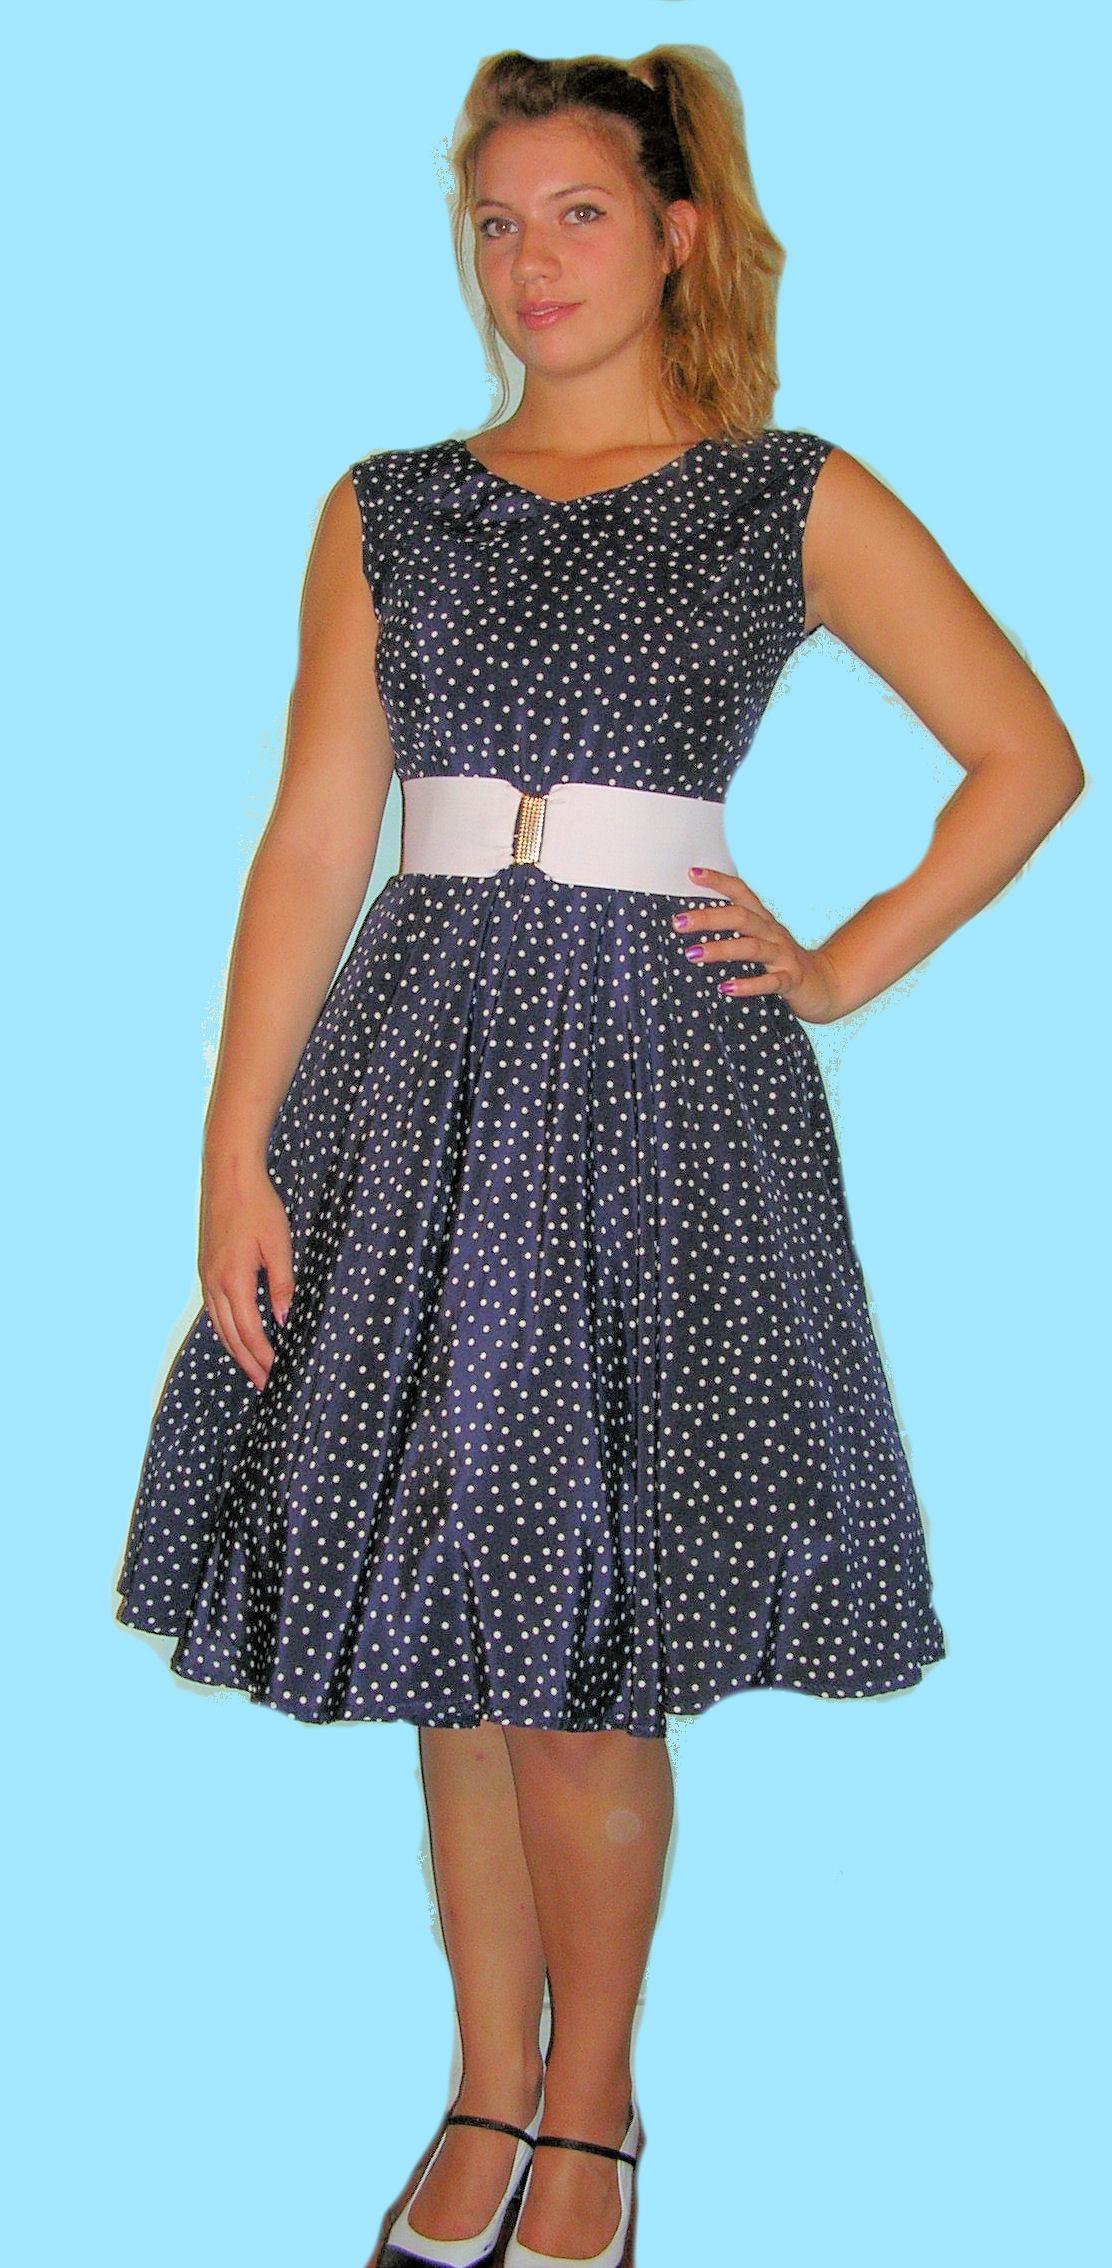 Scoop-neck-50's-Blue-White-Polka-Dot-Dress-S